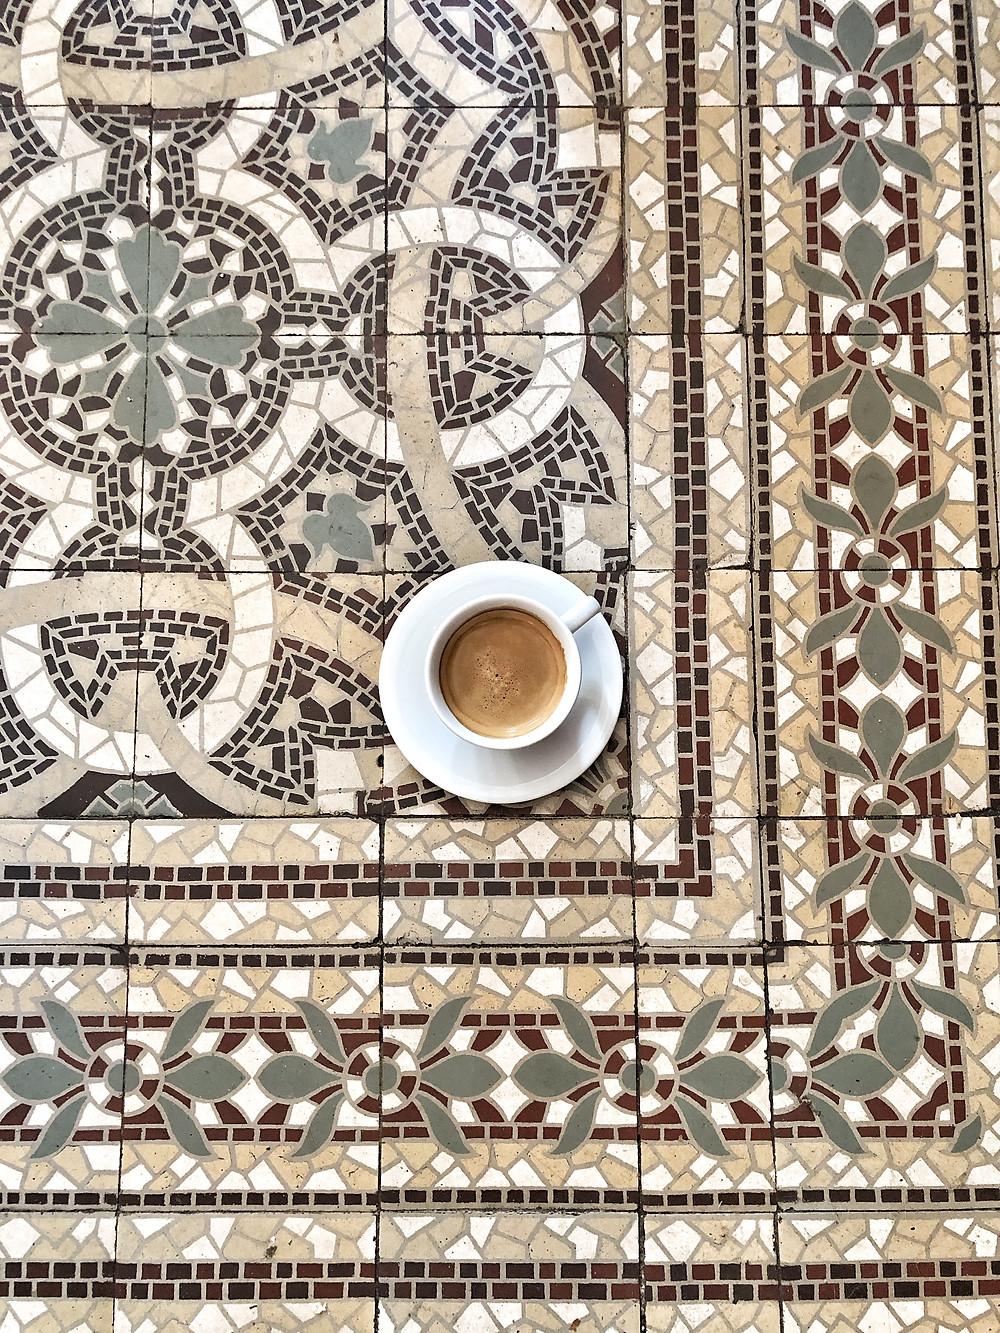 Coffee at Brasserie De Stadstuin, Franeker